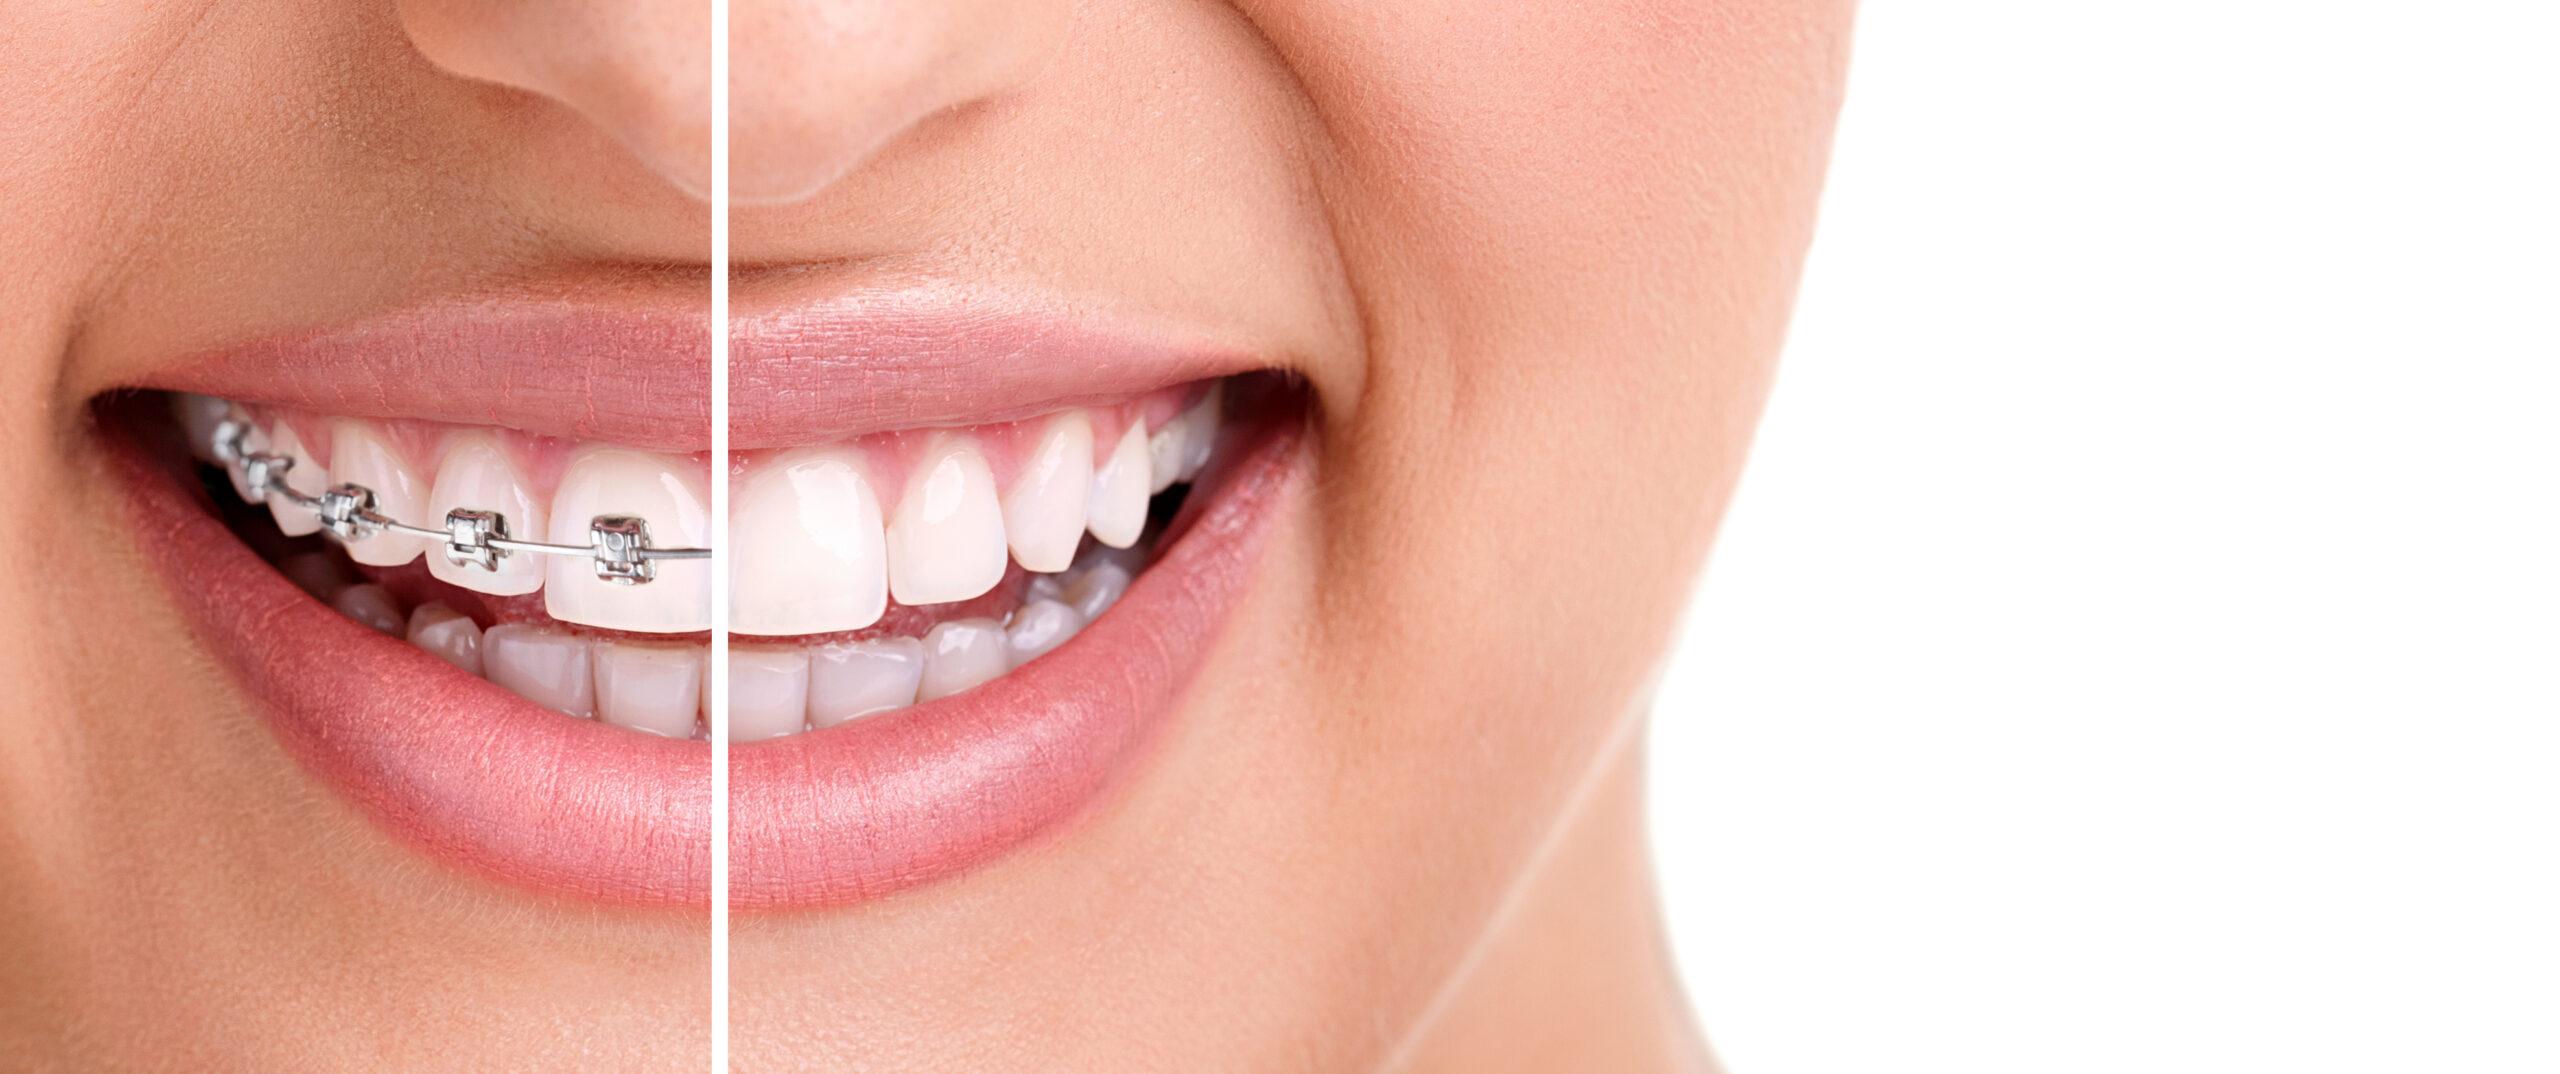 審美歯科の治療メニュー